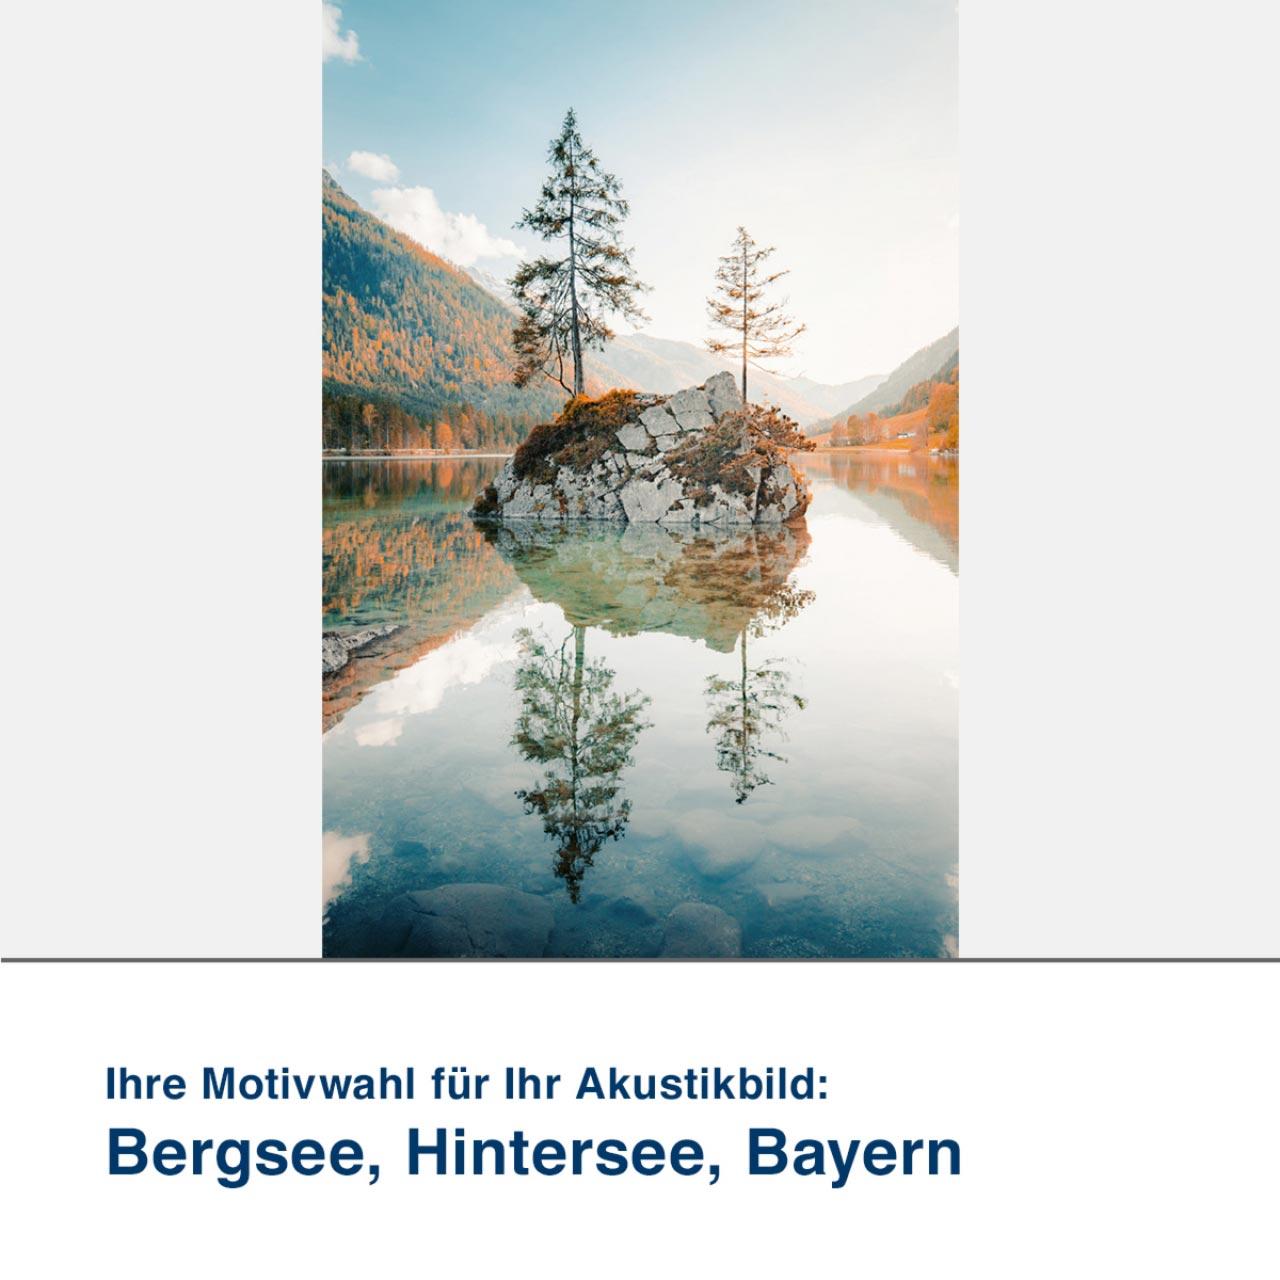 Akustikbild Motiv Bergsee, Hintersee, Bayern